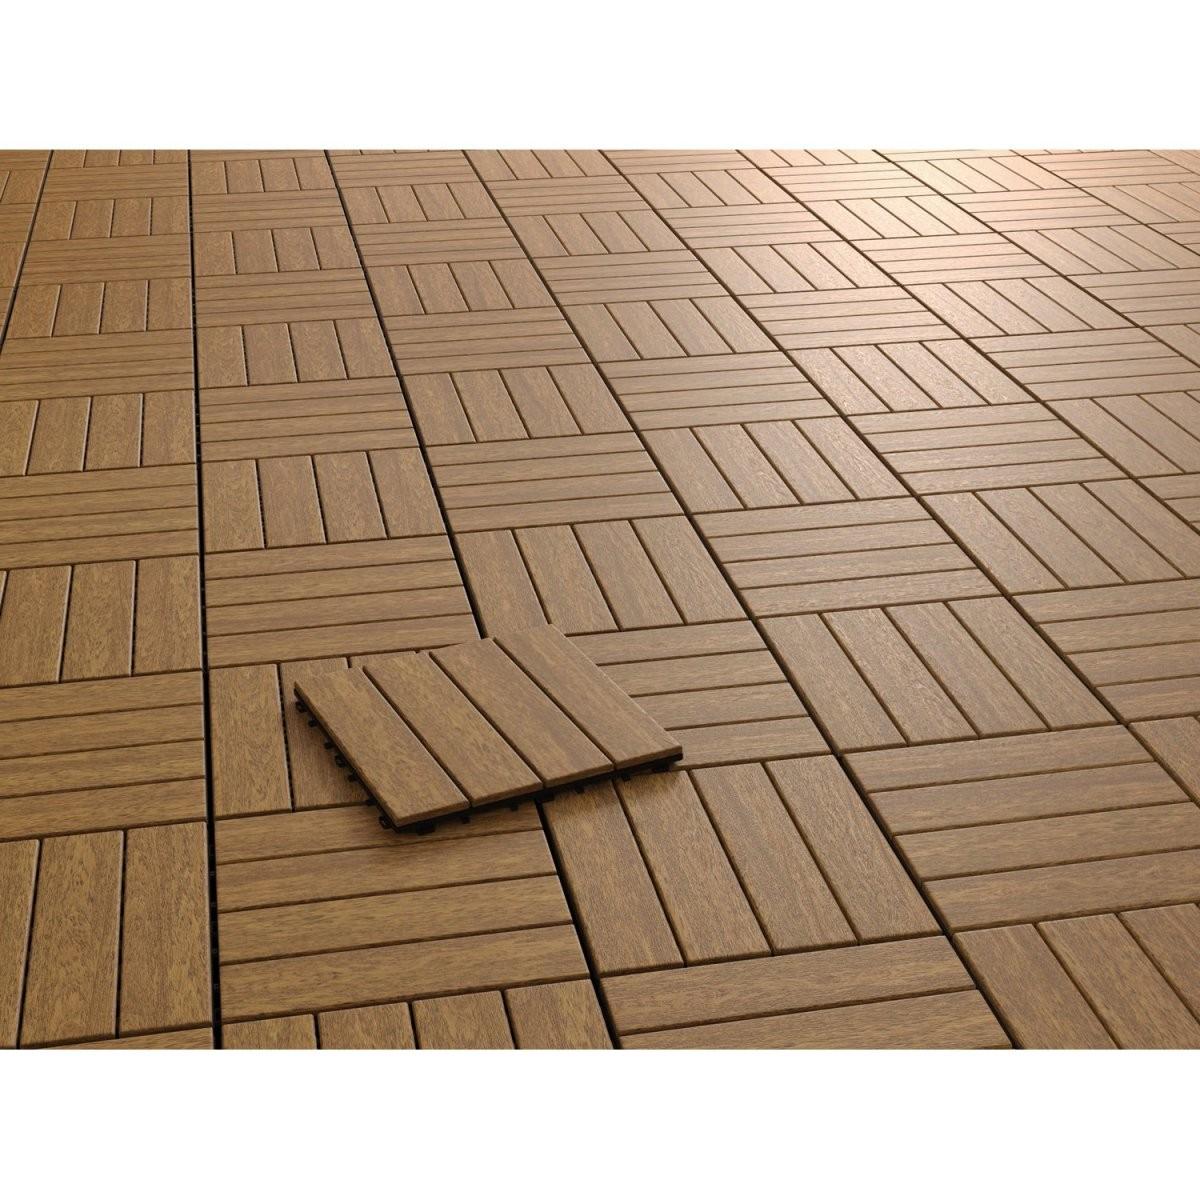 Holzfliesen Online Kaufen Bei Obi  Obi von Fliesen Kleben Auf Holz Bild